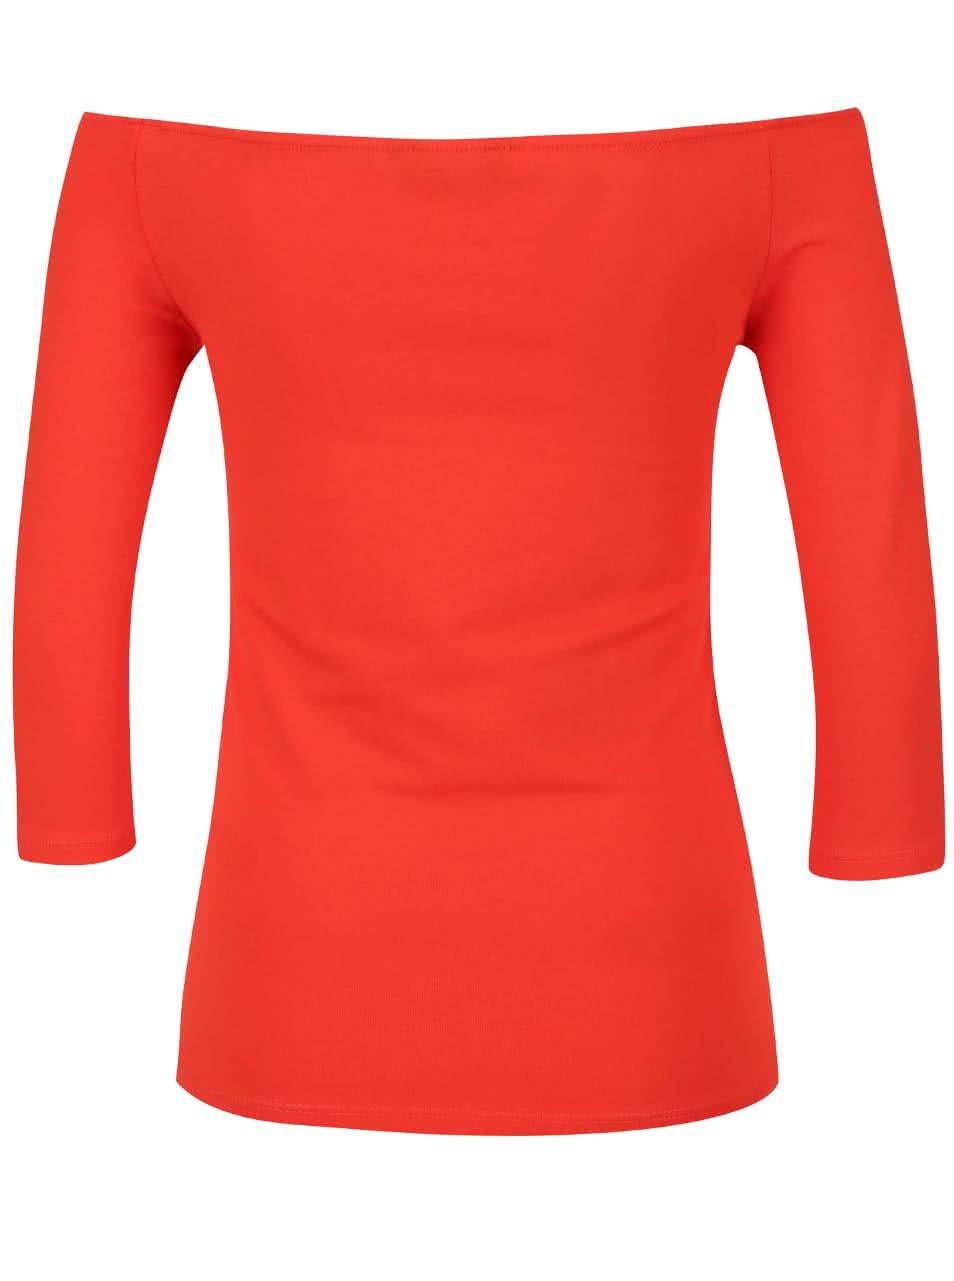 ea22d4a0d229 Červené tričko s lodičkovým výstrihom Dorothy Perkins ...